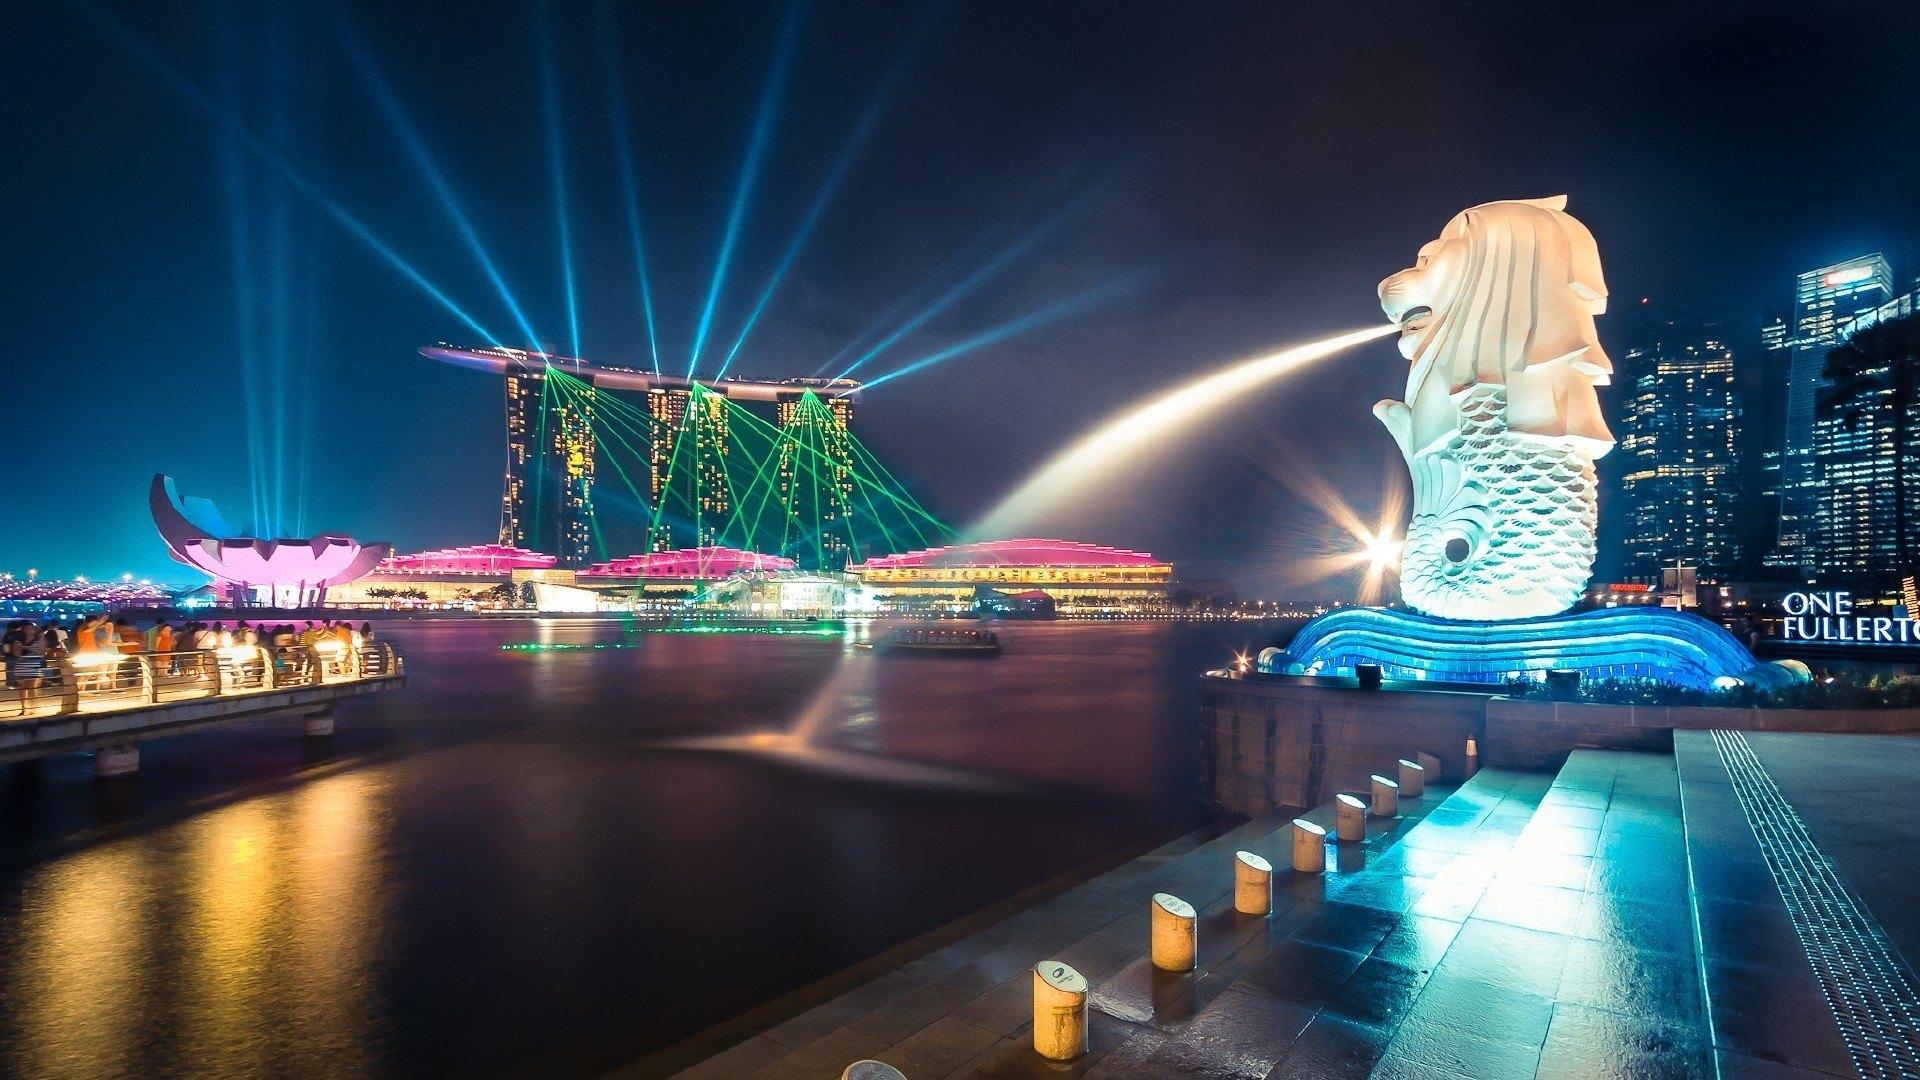 اهم الاماكن الترفيهية فى سنغافورة